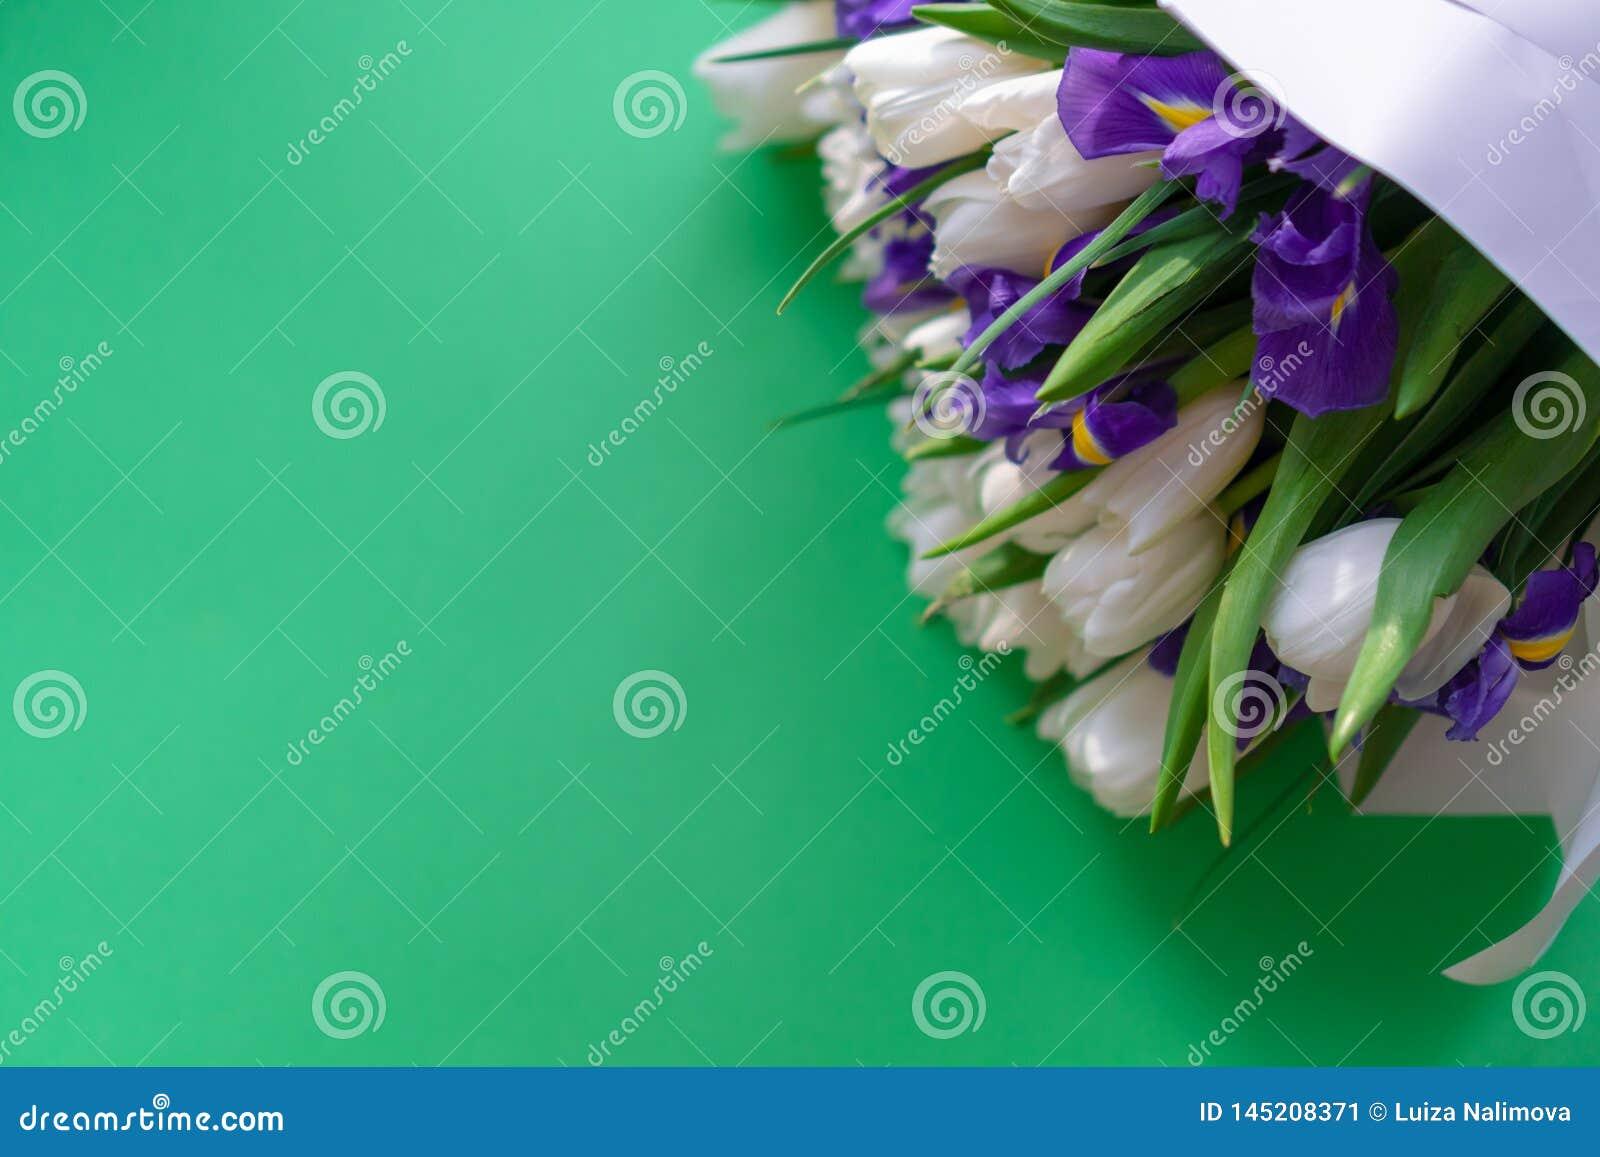 Witte tulpen en purpere irissen op een groene achtergrond